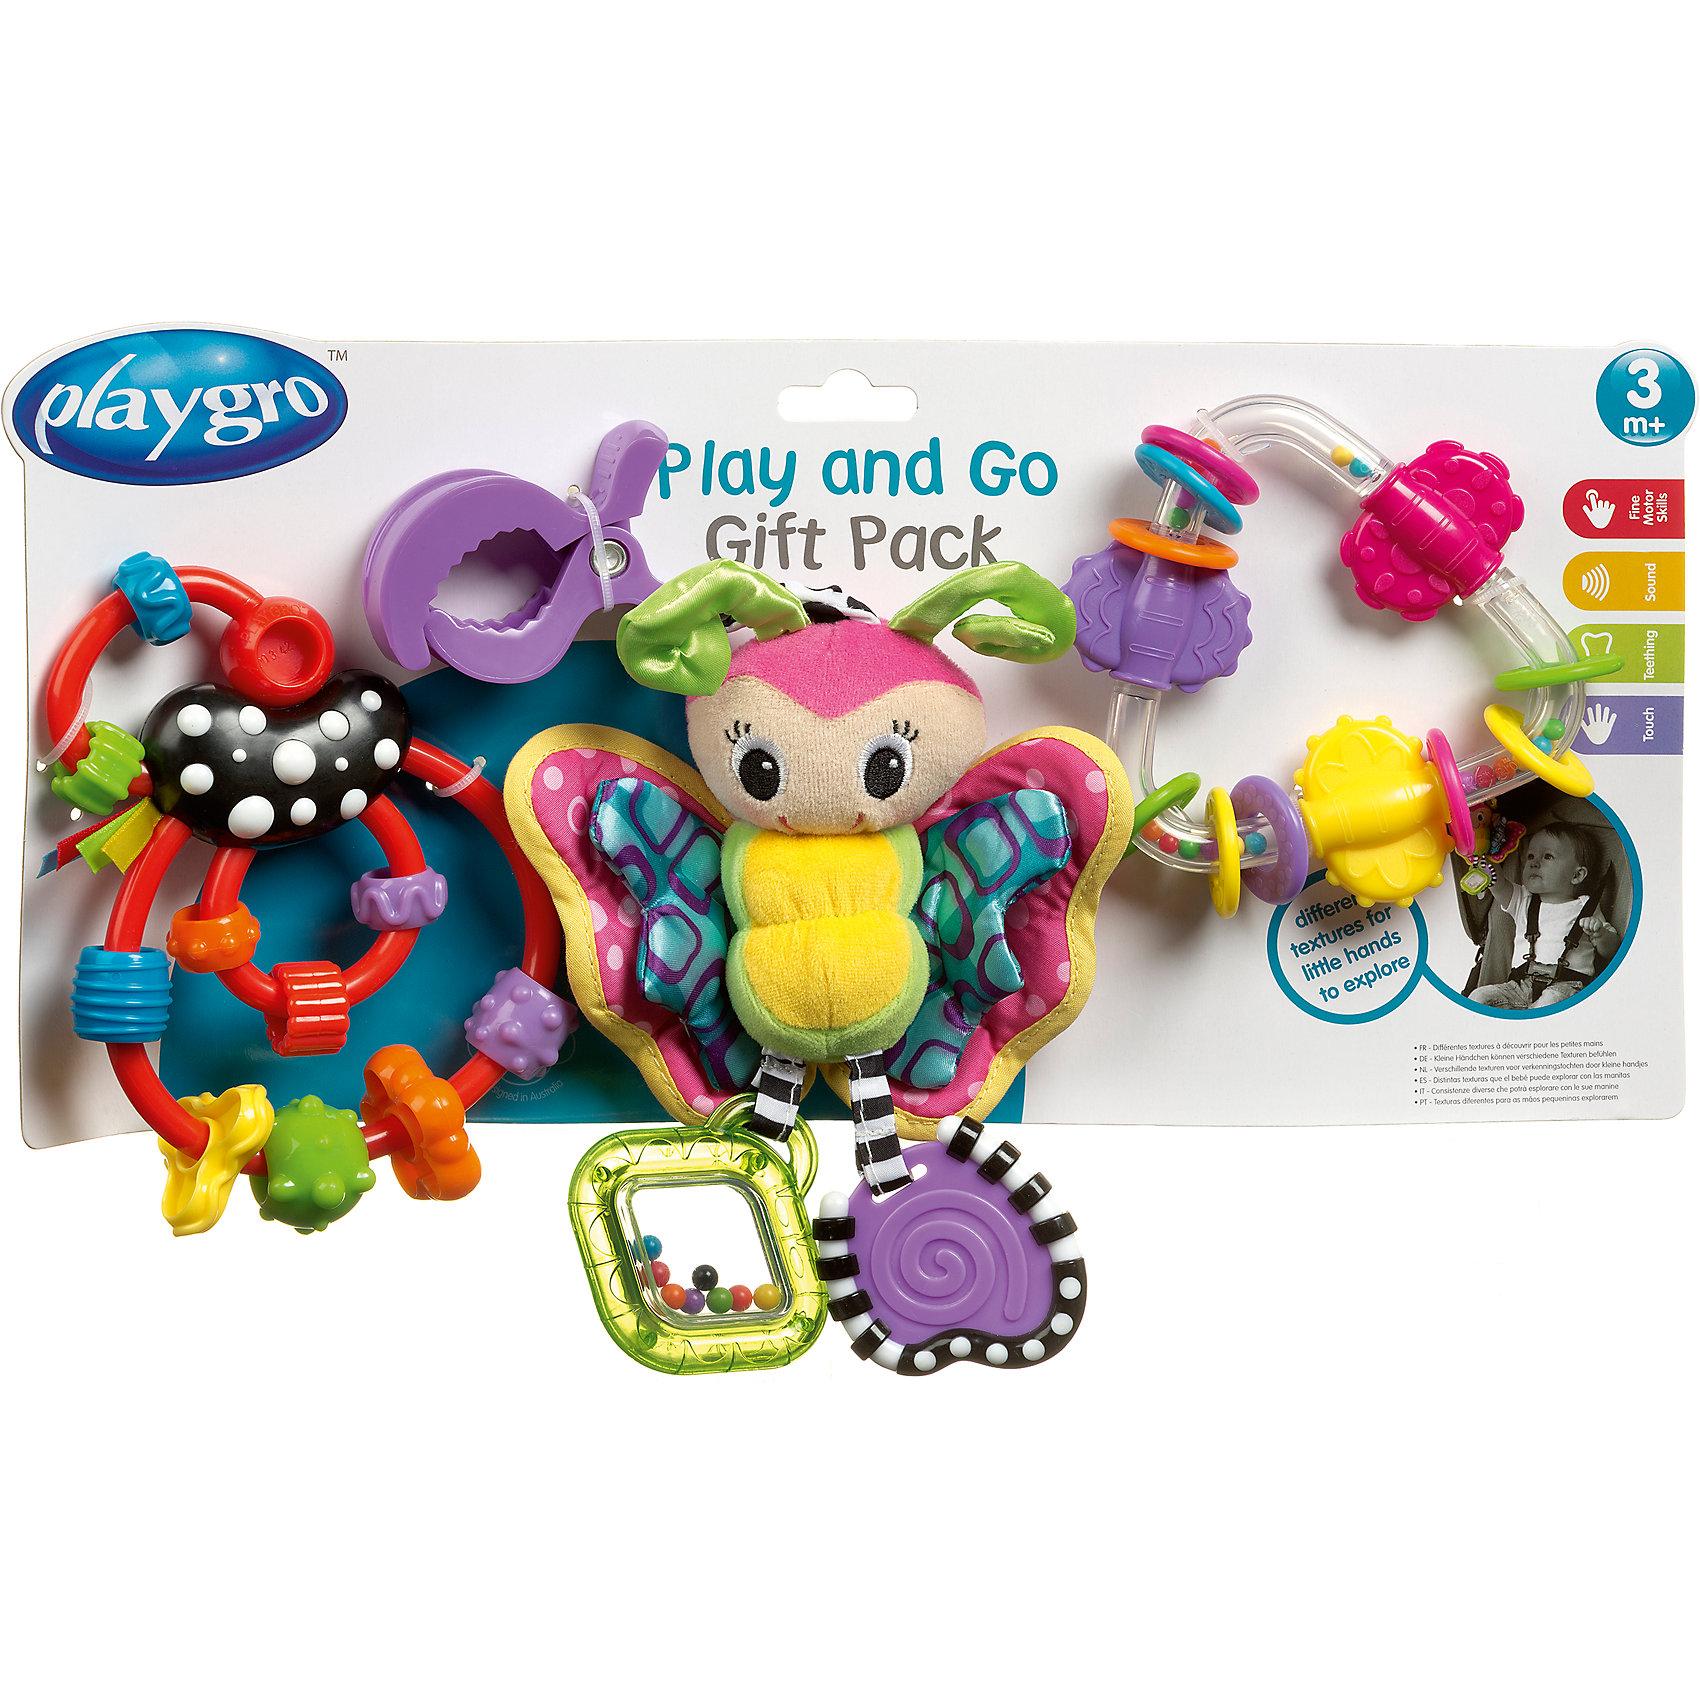 Игровой набор Подвеска + 2 погремушки, PlaygroС этим игровым набором Ваш малыш весело проведет время дома или на прогулке. В комплект входит яркая бабочка-погремушка, прорезыватель в виде треугольника, и интересный лабиринт из бусин. Прорезыватель поможет убрать боль во время роста зубов, а значит Ваш малыш будет более спокойным и счастливым.<br><br>Дополнительная информация:<br><br>- Возраст: от 3 месяцев до 2 лет<br>- В комплекте: бабочка-погремушка, прорезыватель треугольник, лабиринт с бусинами<br>- Материал: текстиль, пластик<br>- Размер: 18х33х4 см<br>- Вес: 0.25 кг<br><br>Игровой набор Подвеска + 2 погремушки, Playgro можно купить в нашем интернет-магазине.<br><br>Ширина мм: 180<br>Глубина мм: 335<br>Высота мм: 45<br>Вес г: 250<br>Возраст от месяцев: 3<br>Возраст до месяцев: 24<br>Пол: Женский<br>Возраст: Детский<br>SKU: 4779534